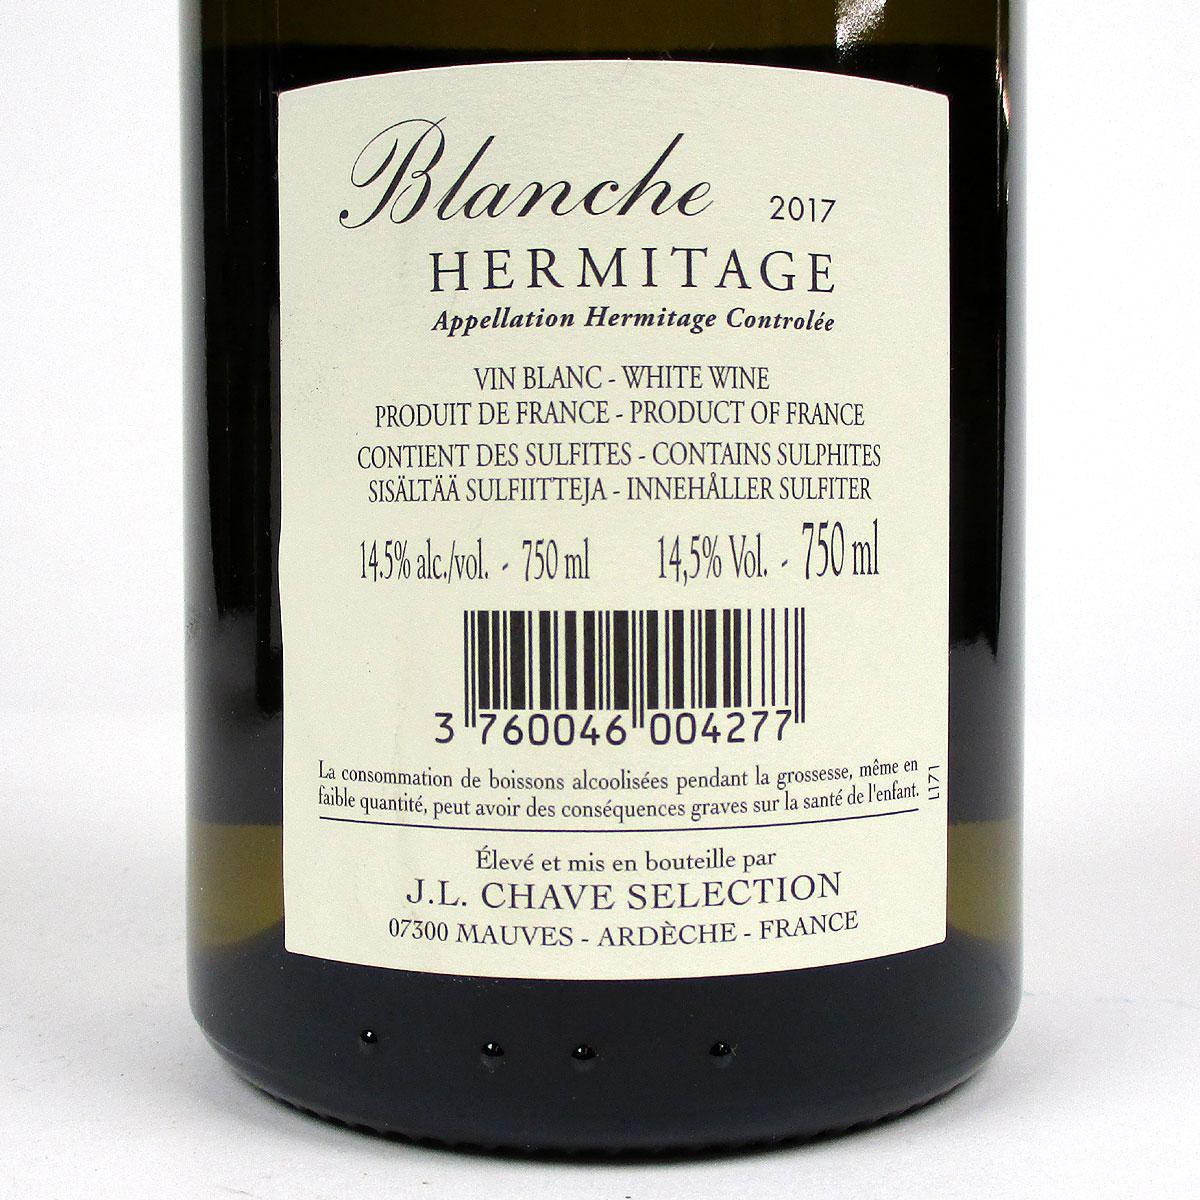 Hermitage: Jean-Louis Chave Sélection 'Blanche' 2017 - Bottle Rear Label